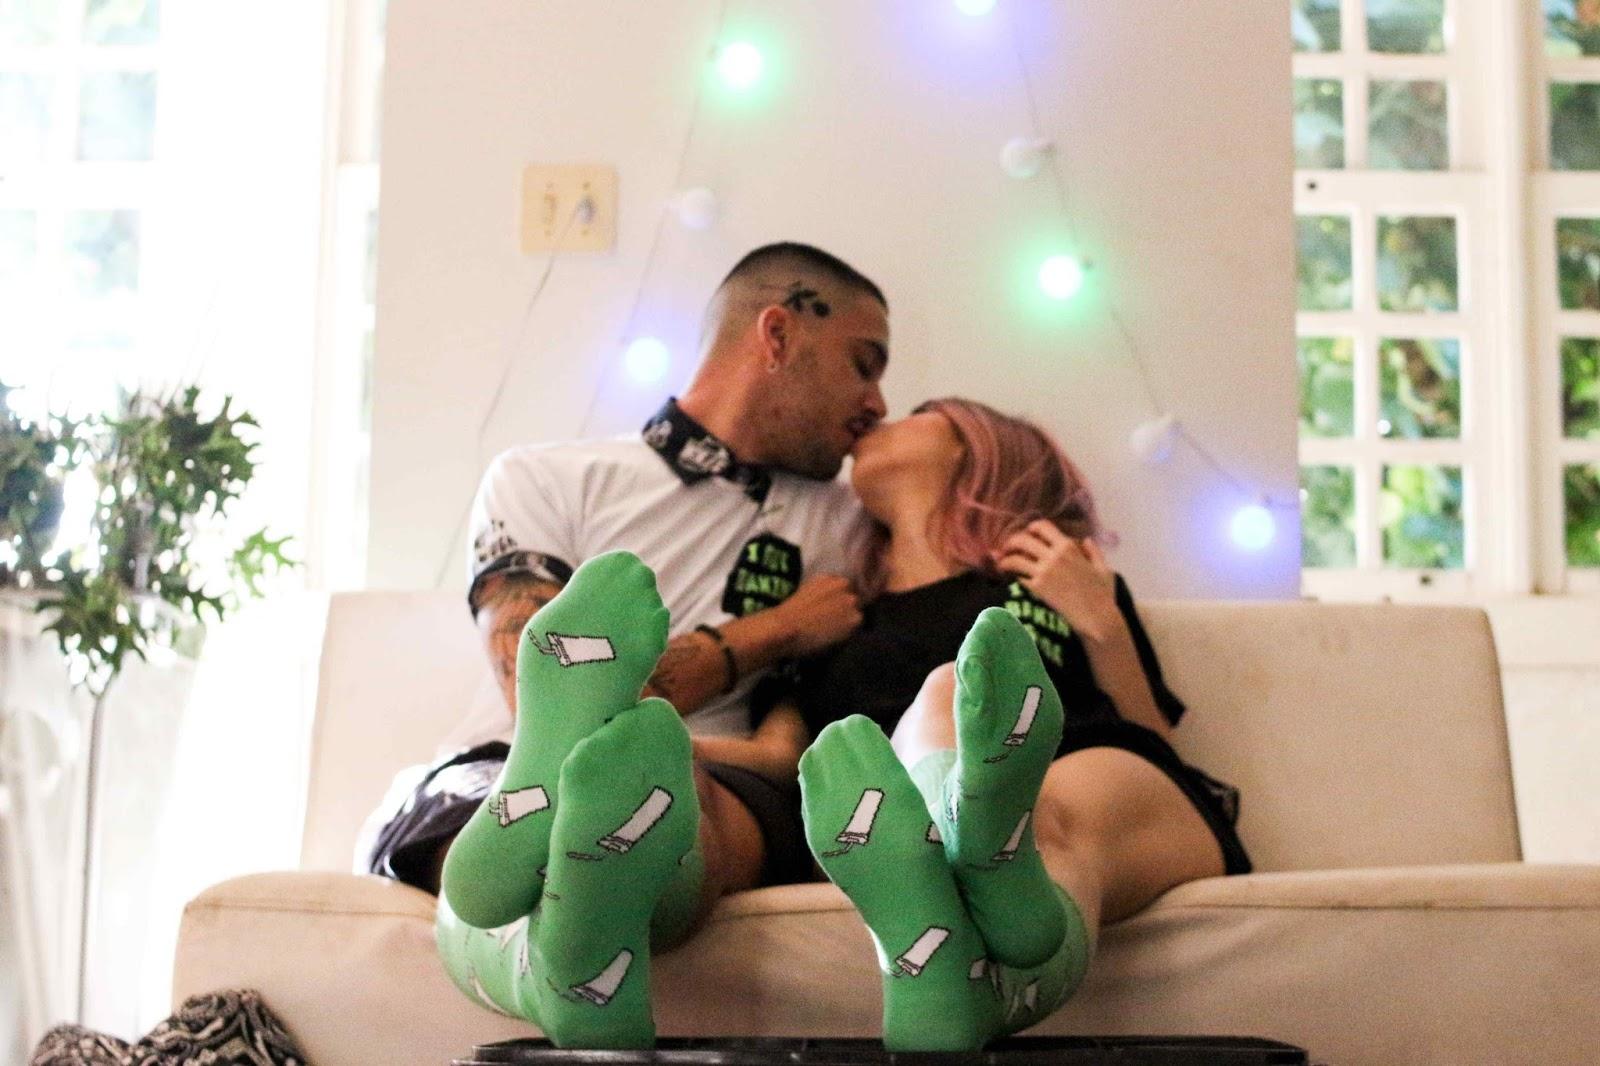 feed the feet nephew parceria 03 - HUF e FTP colaboram em cápsula inédita